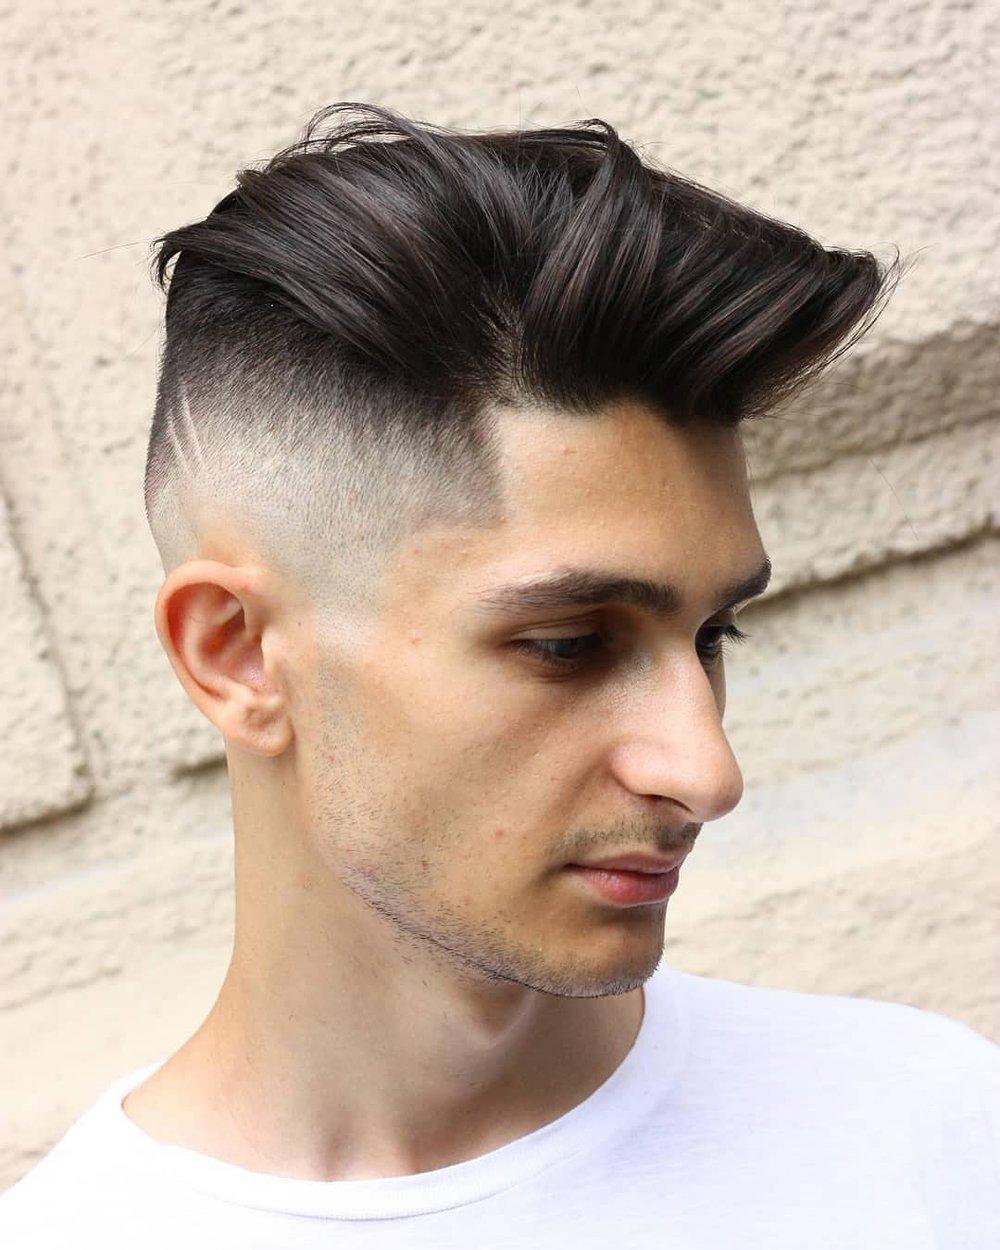 cortes-de-cabelo-masculino-2019-cortes-masculinos-2019-tendencia-de-corte-de-cabelo-2019-masculino-haircut-for-men-2019-hairstyle-2019-moda-sem-censura-blog-alex-cursino-38.jpg